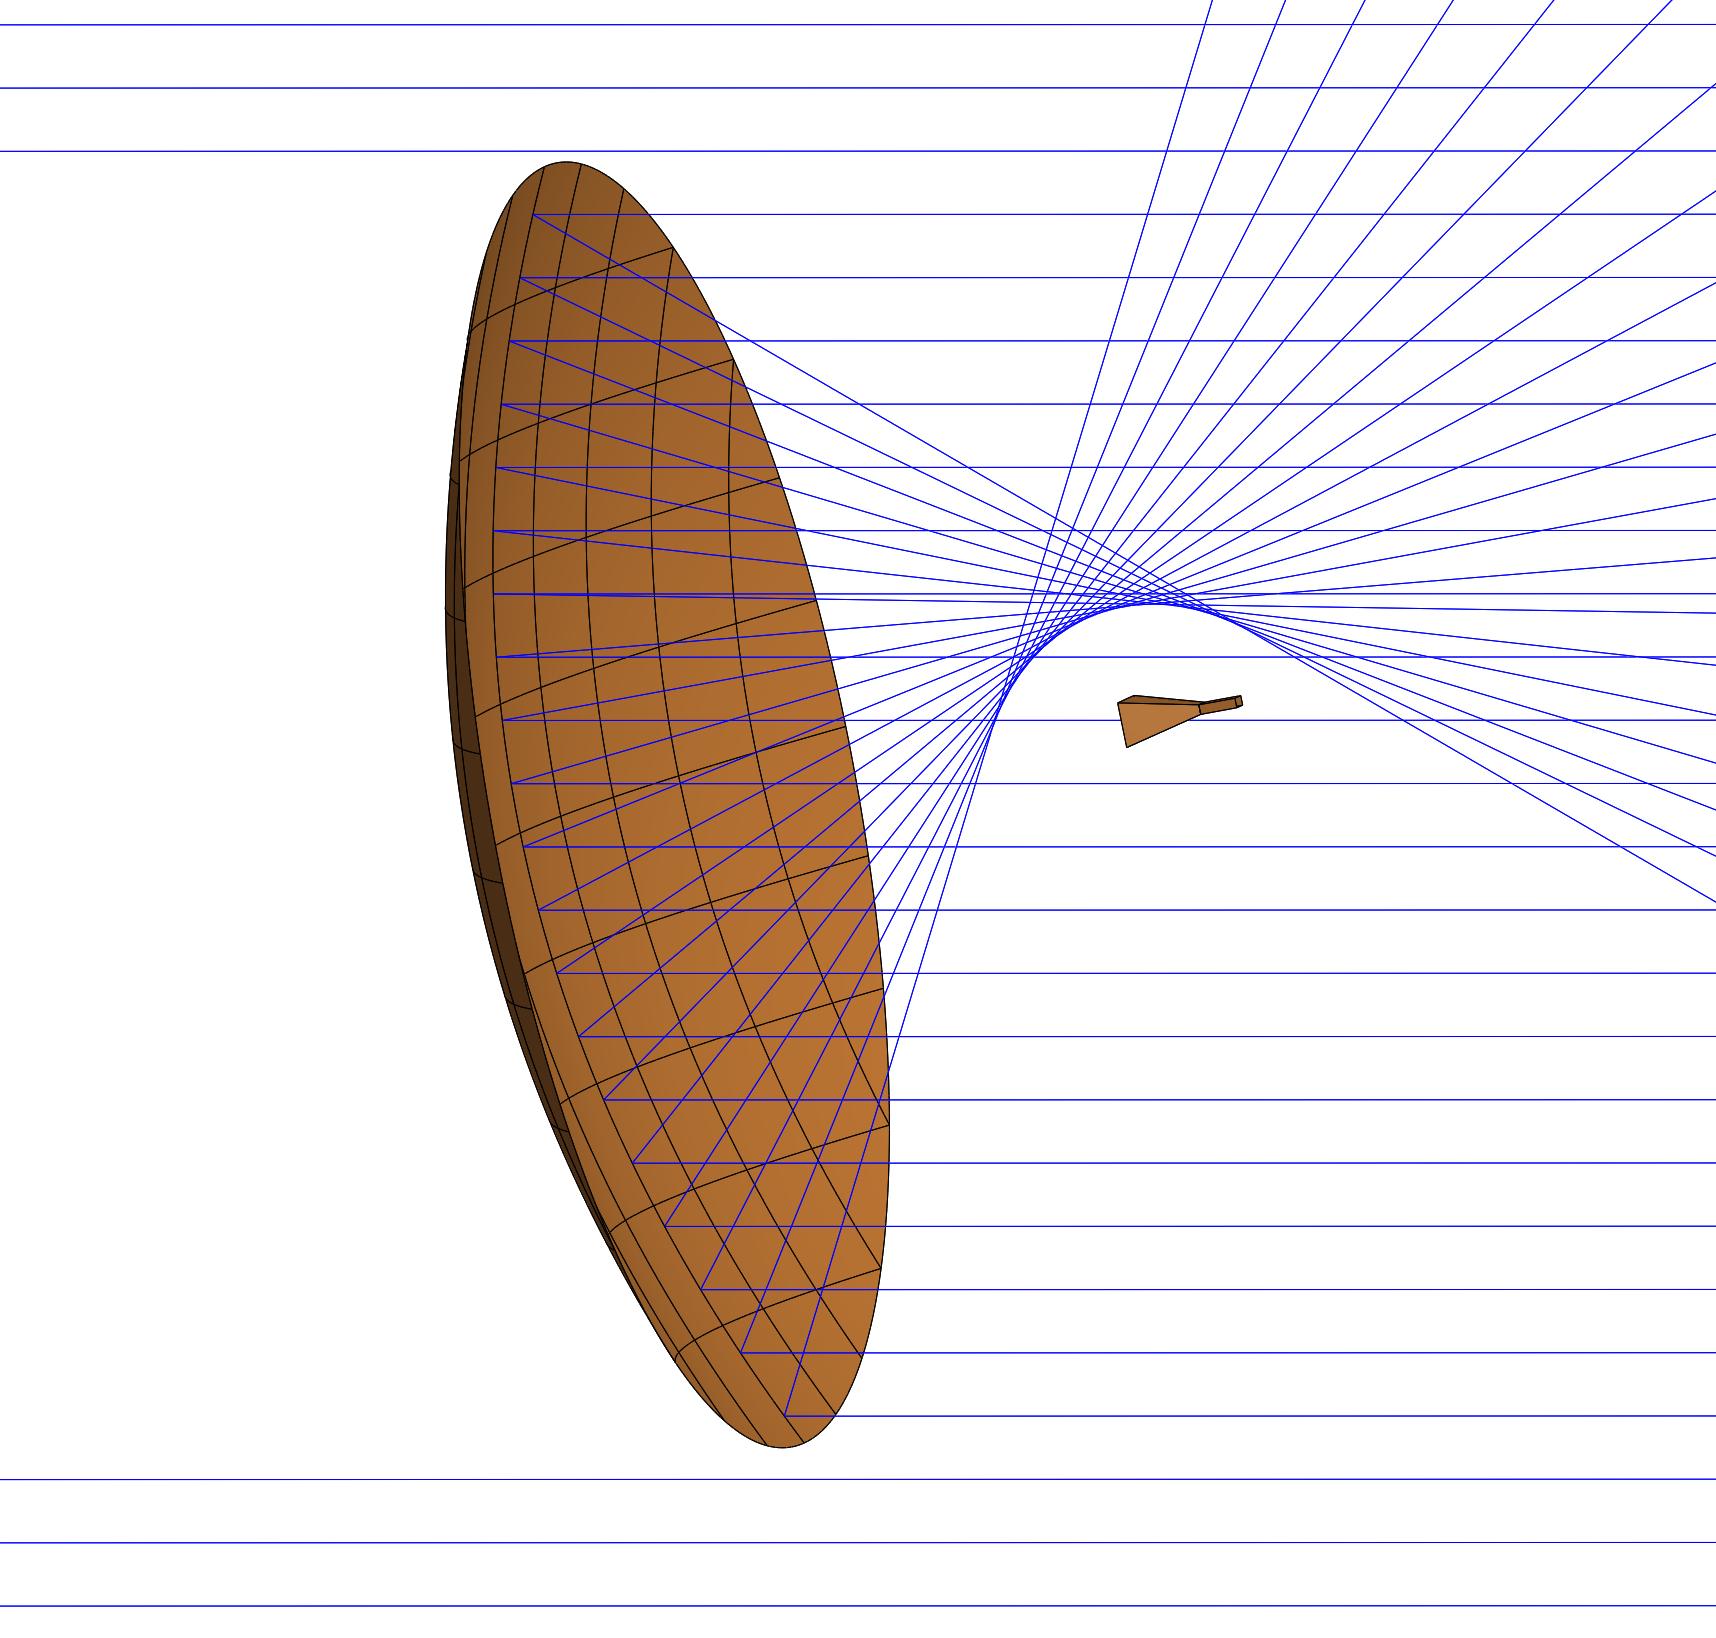 Abbildung 3: Parabolspiegel der nicht auf die Quelle ausgerichtet ist.